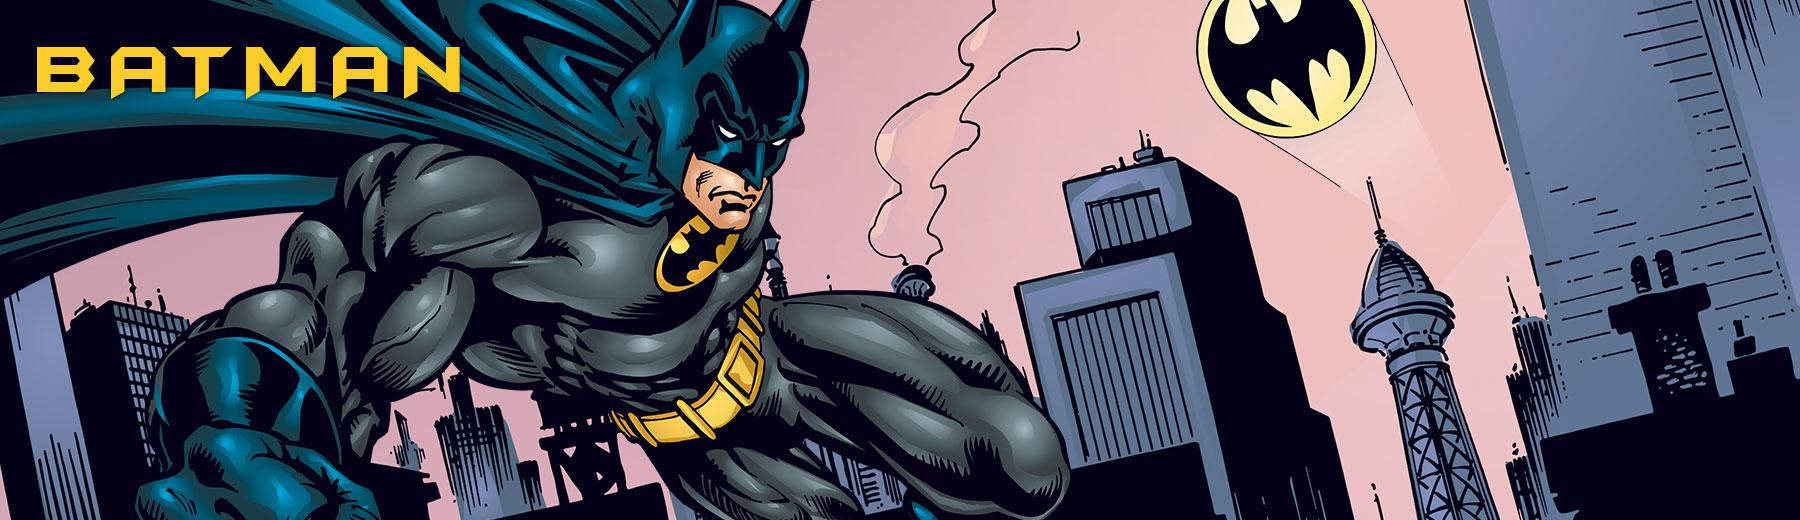 Batman | Fanartikel zu Deinem Superhelden | Elbenwald